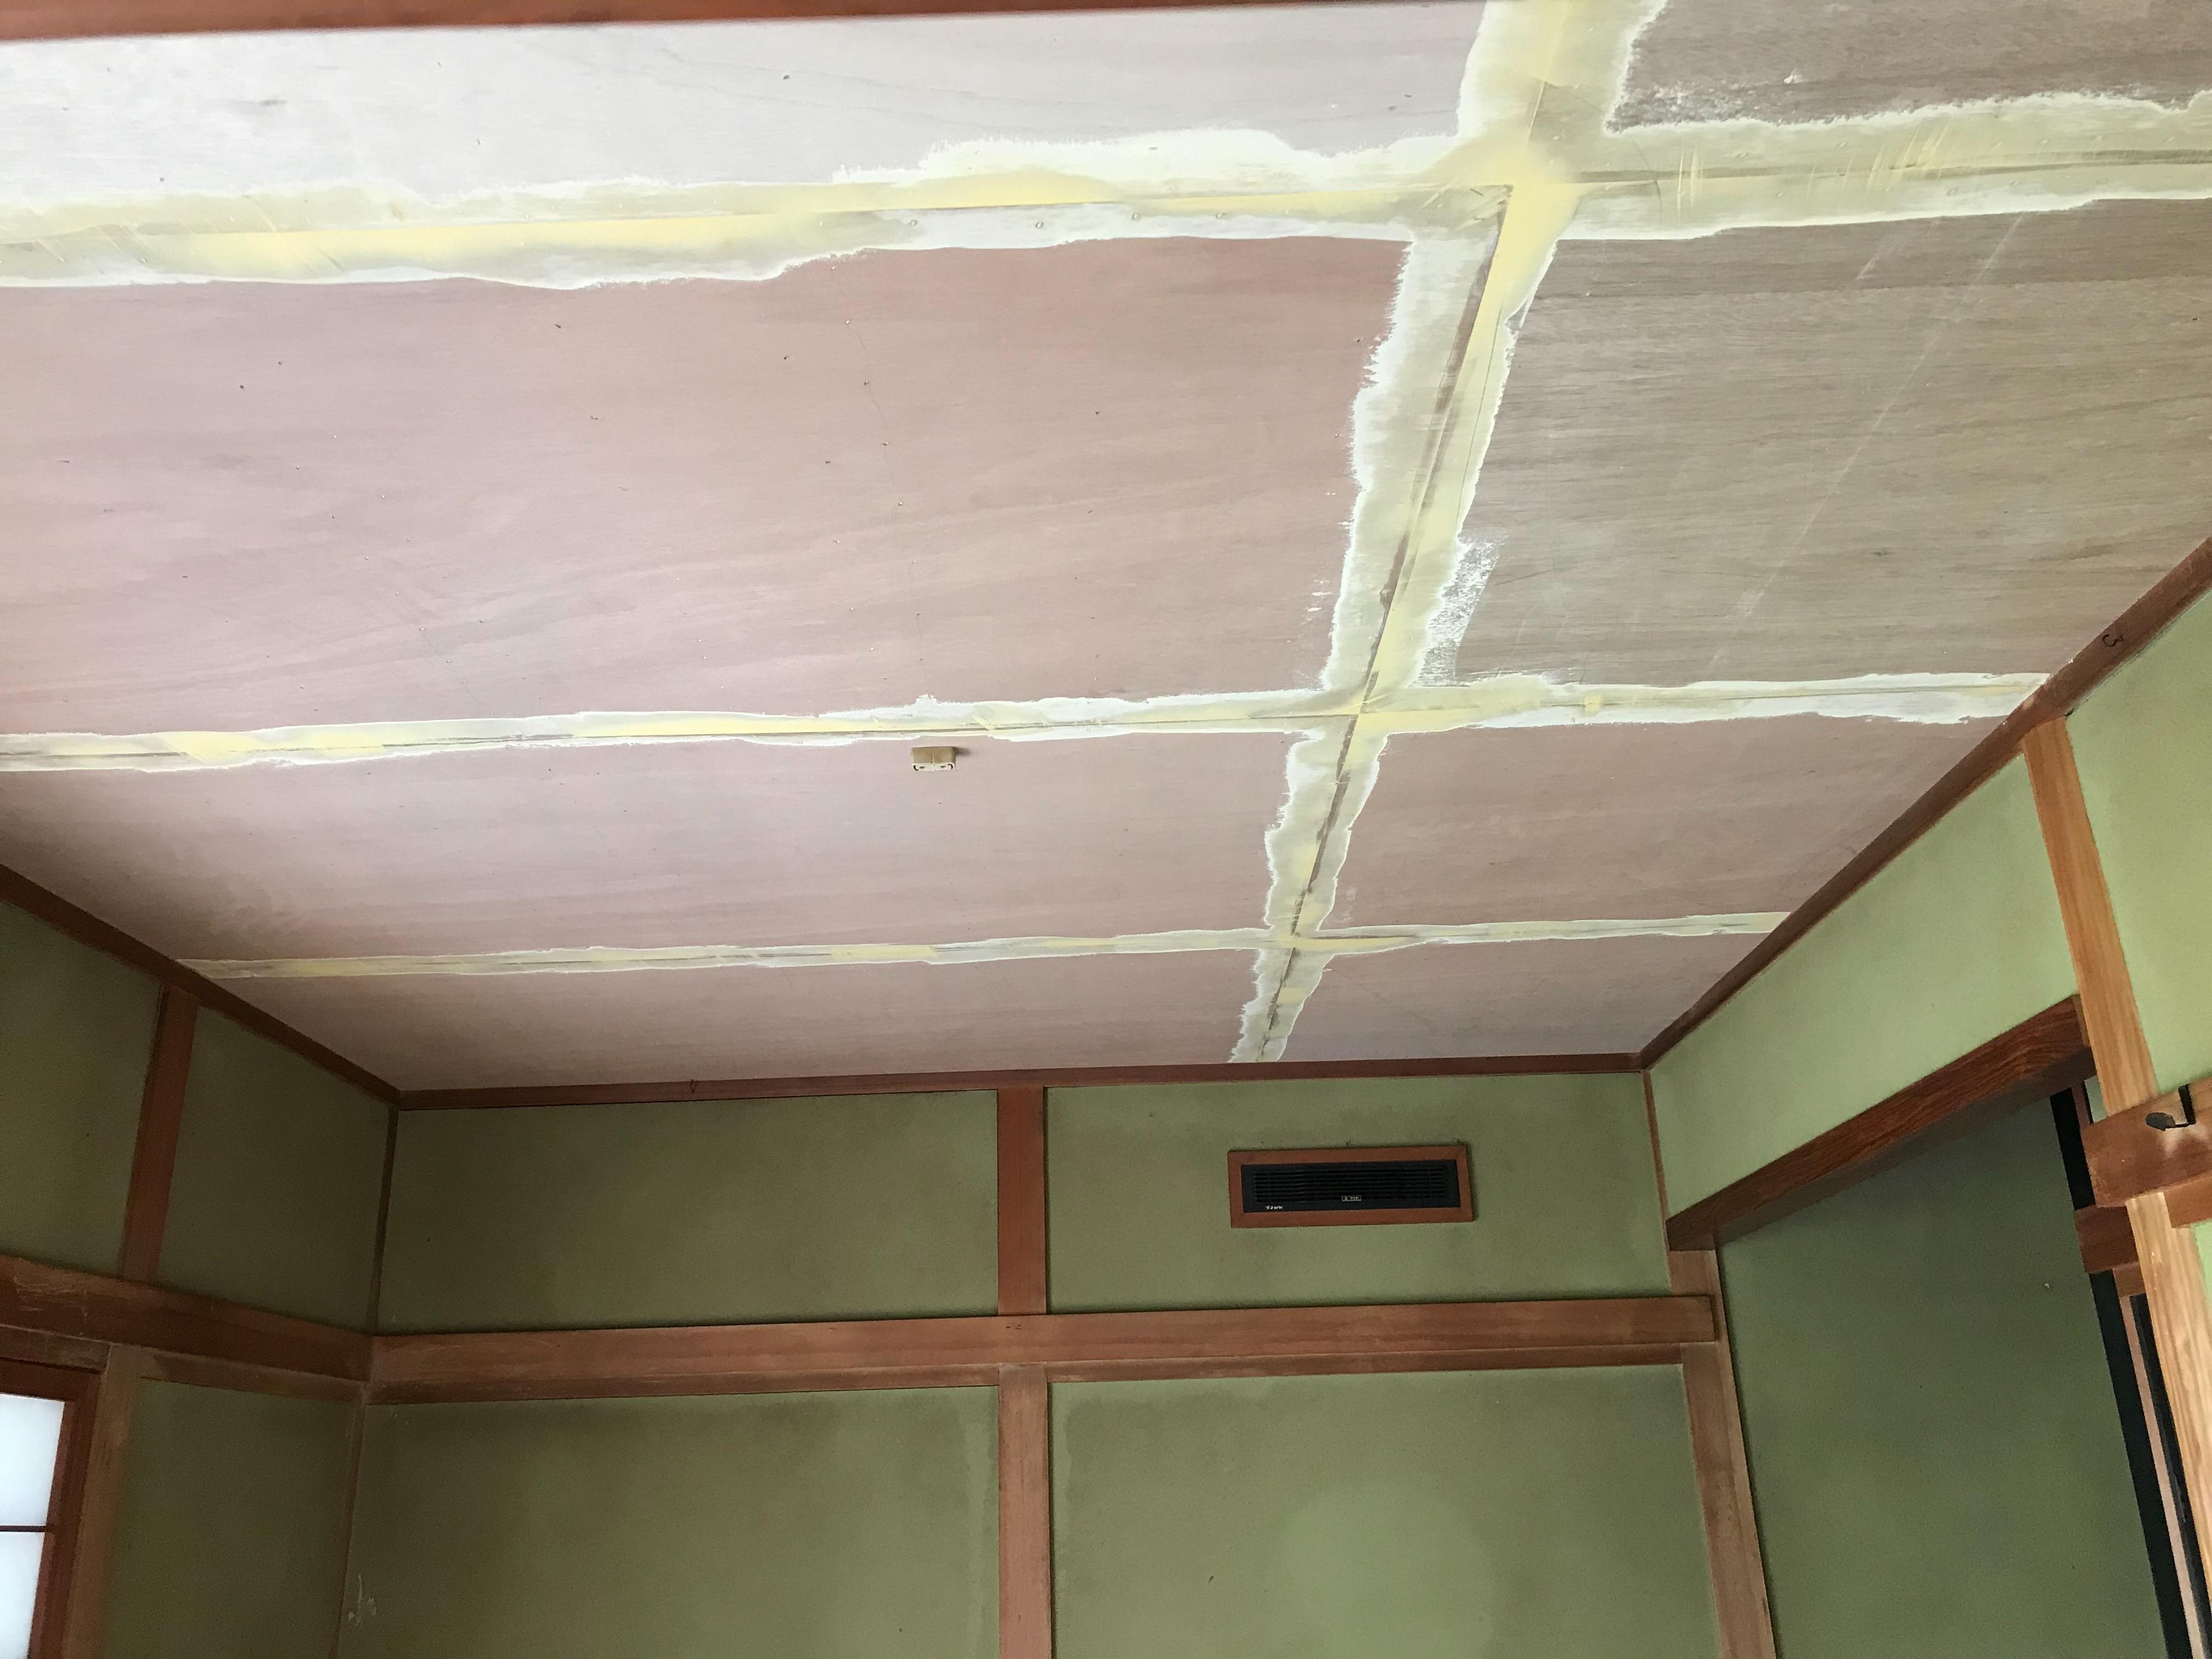 内装工事 和室天井 クロス仕上げ 雨漏り内装修理 やねやねやね